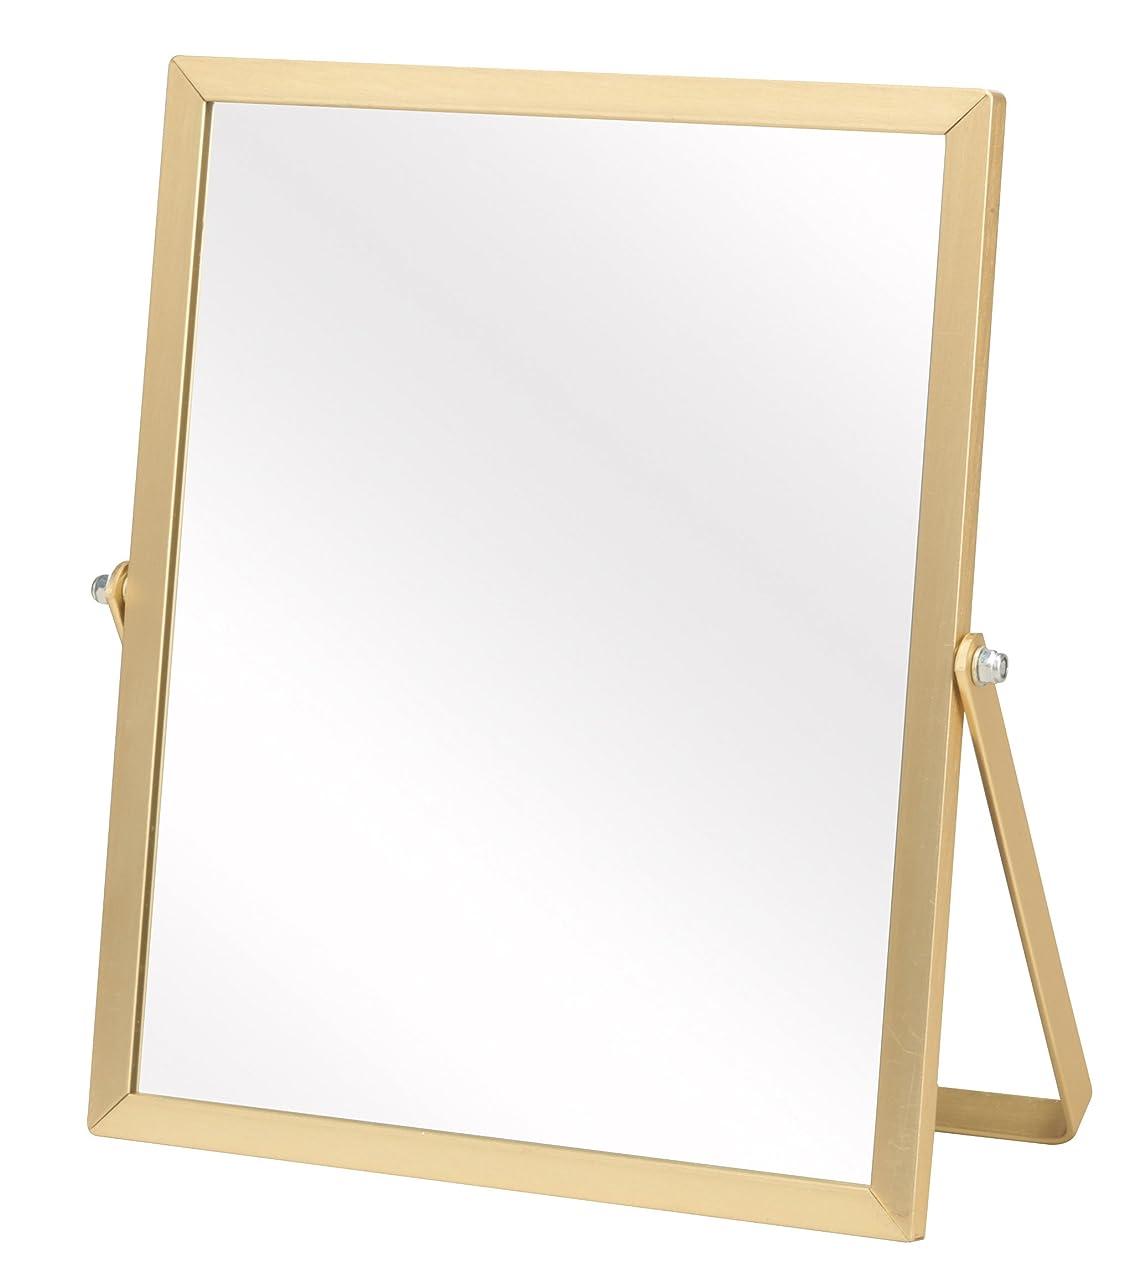 オーバーコート光の補体永井興産 アルミ卓上ミラーS ゴールド 幅17×高さ20cm